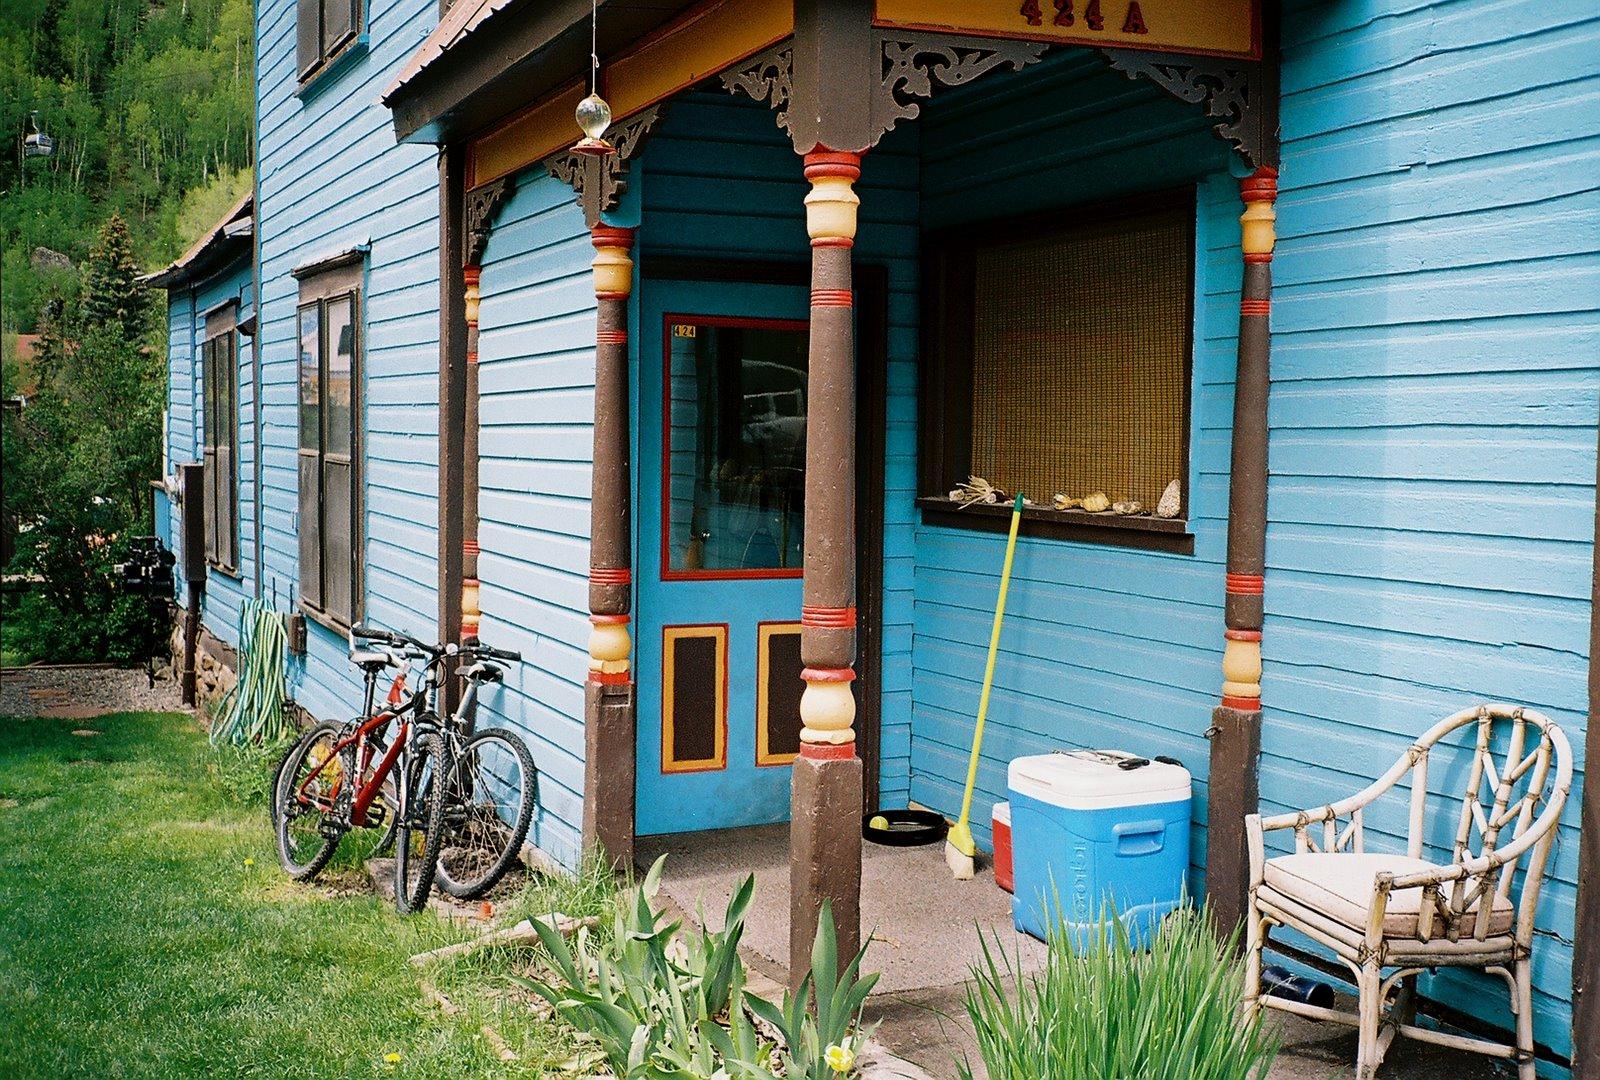 [porch+with+bikes+telluride+6-11-07+3.jpg]